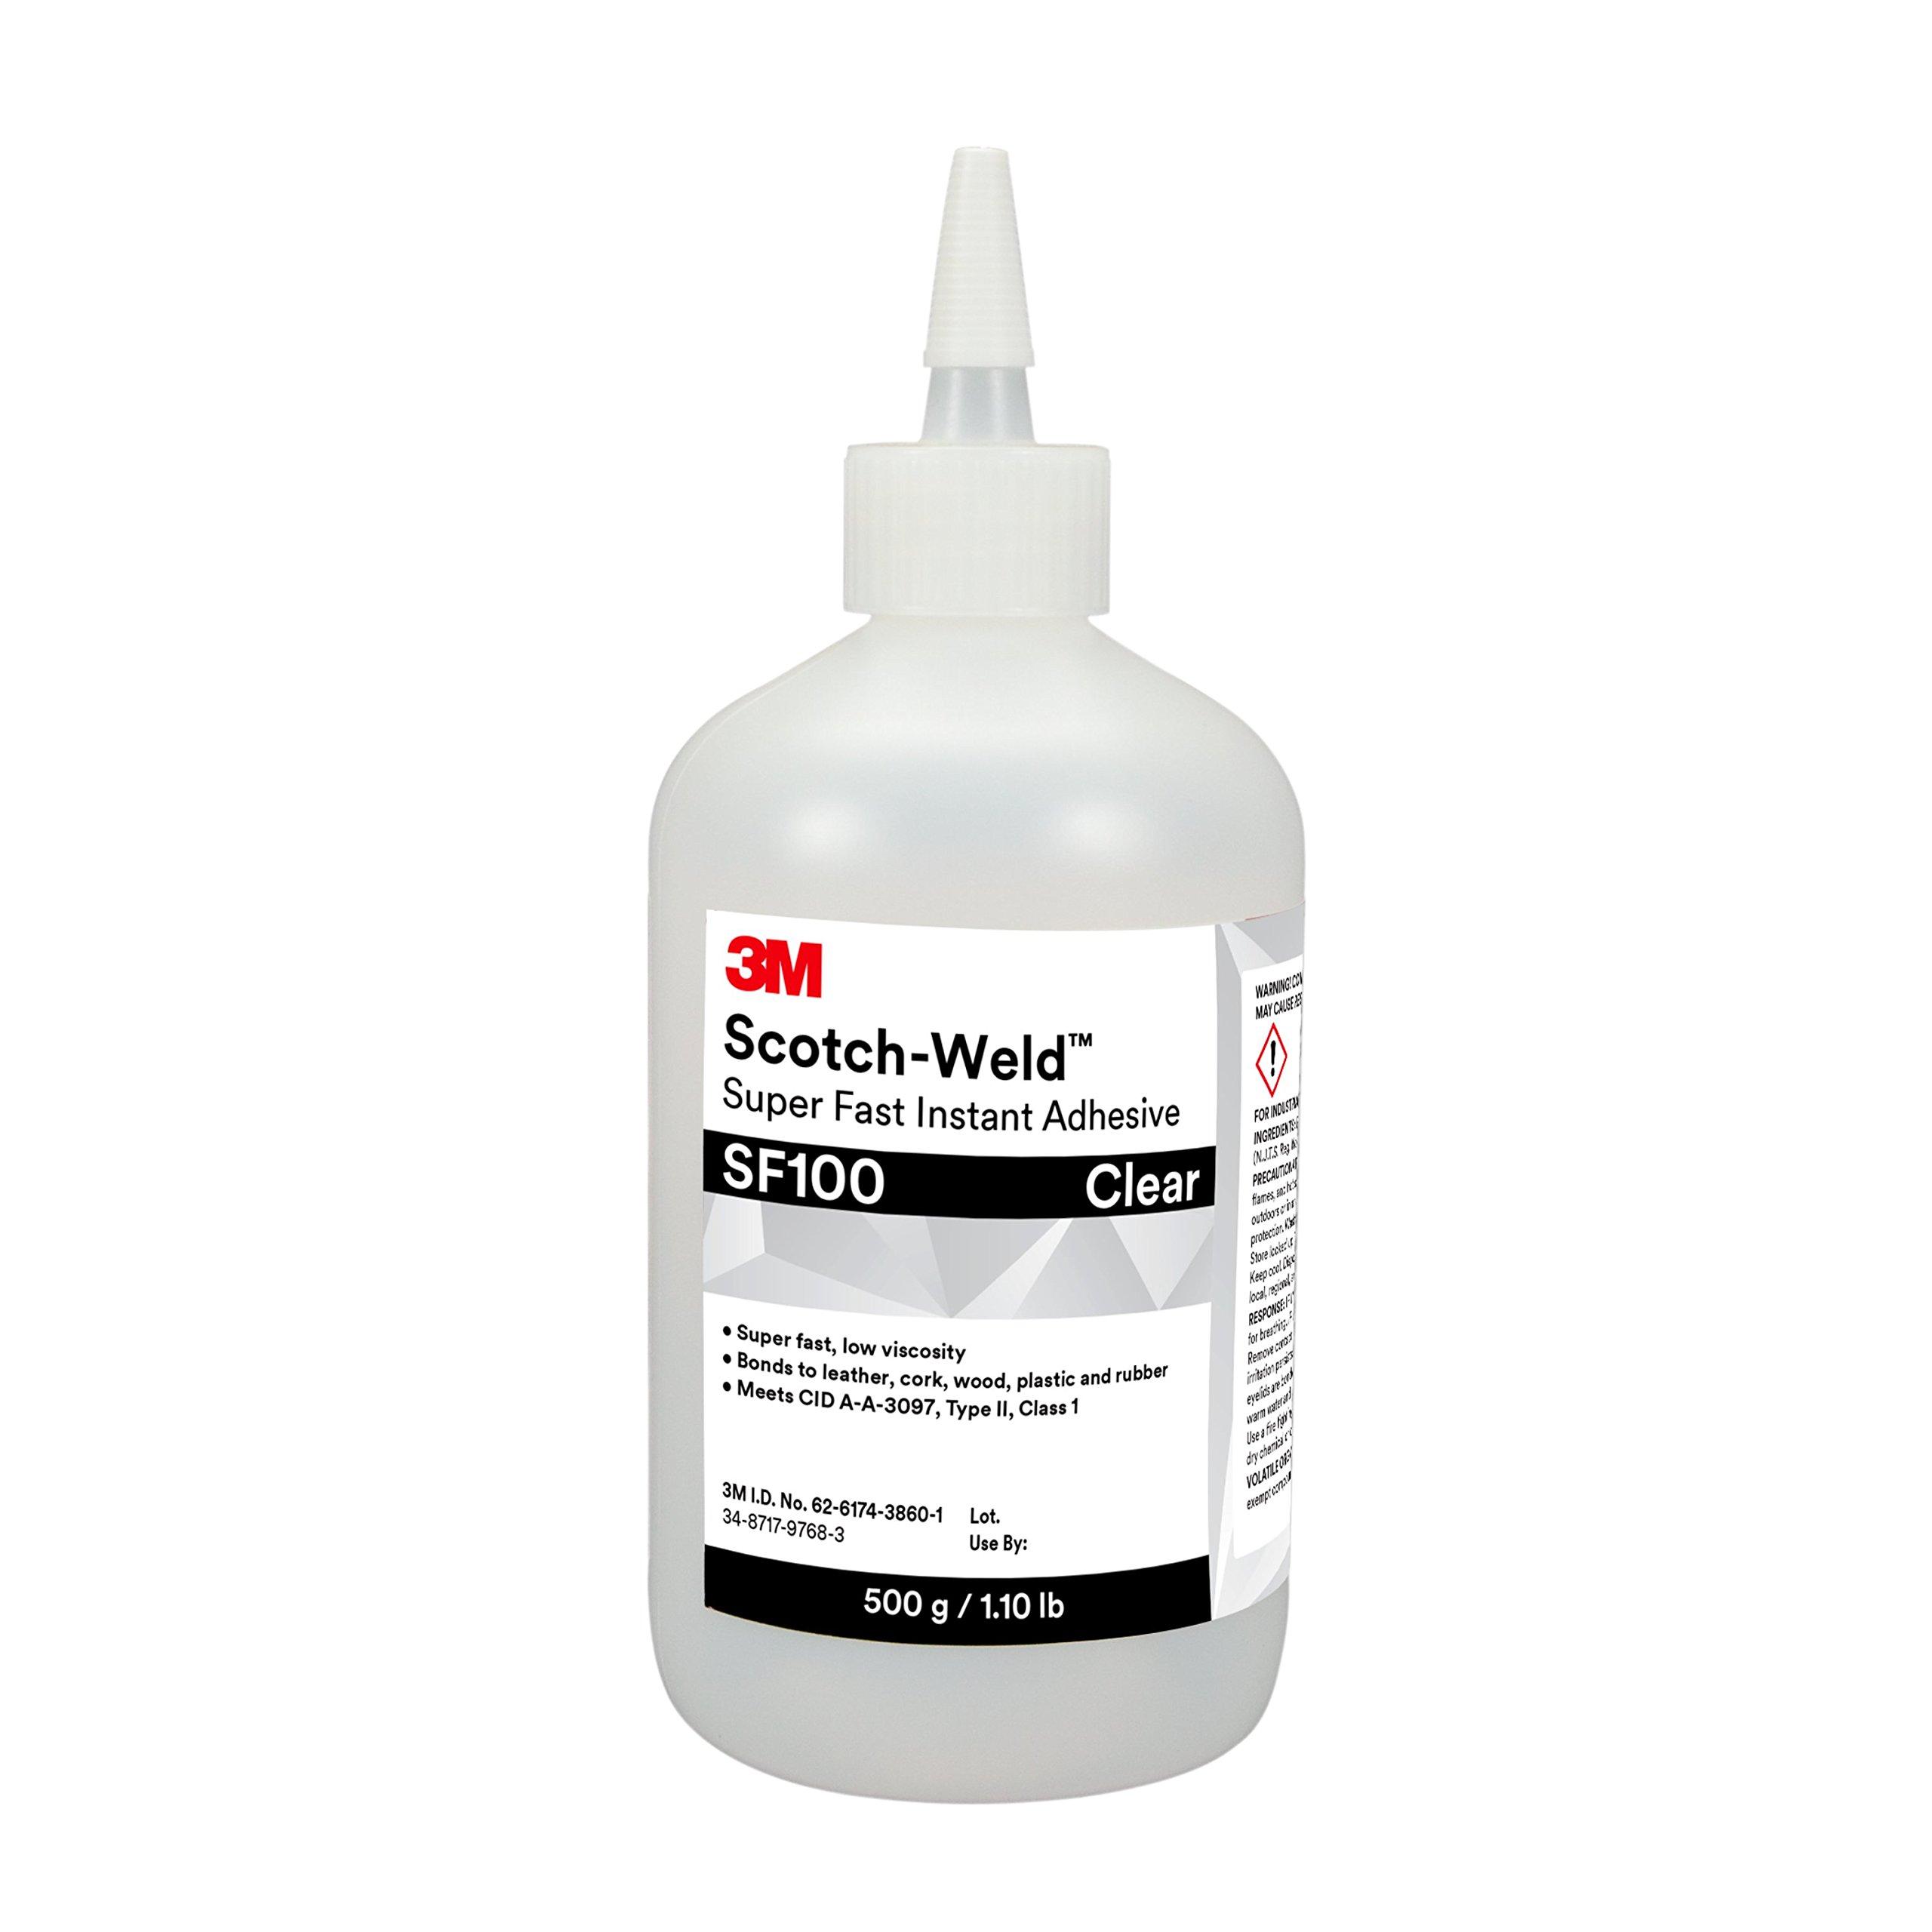 3M Scotch-Weld 25267-case Surface Insensitive Instant Adhesive SI100, 1 lb/453 g Bottle, 1 per case, 15.318 fl. oz.